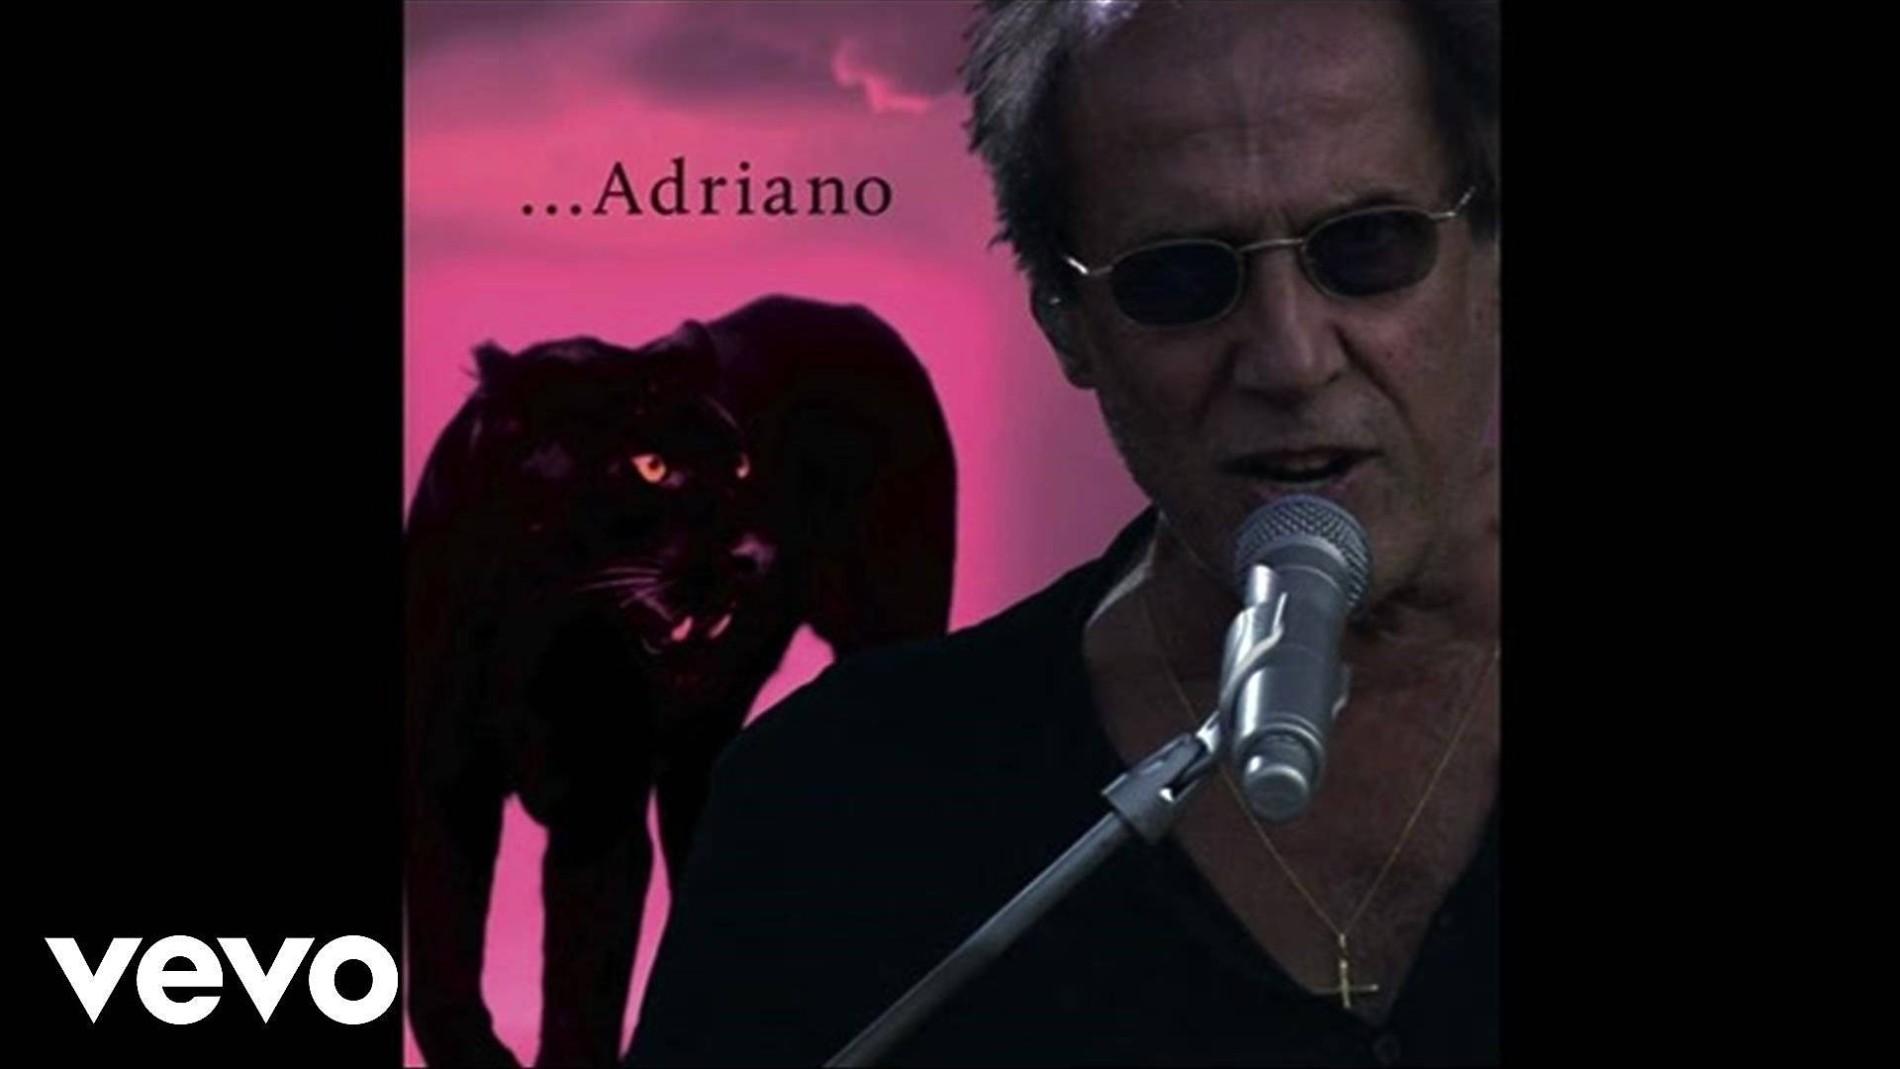 Adriano Celentano wird 80 Jahre alt